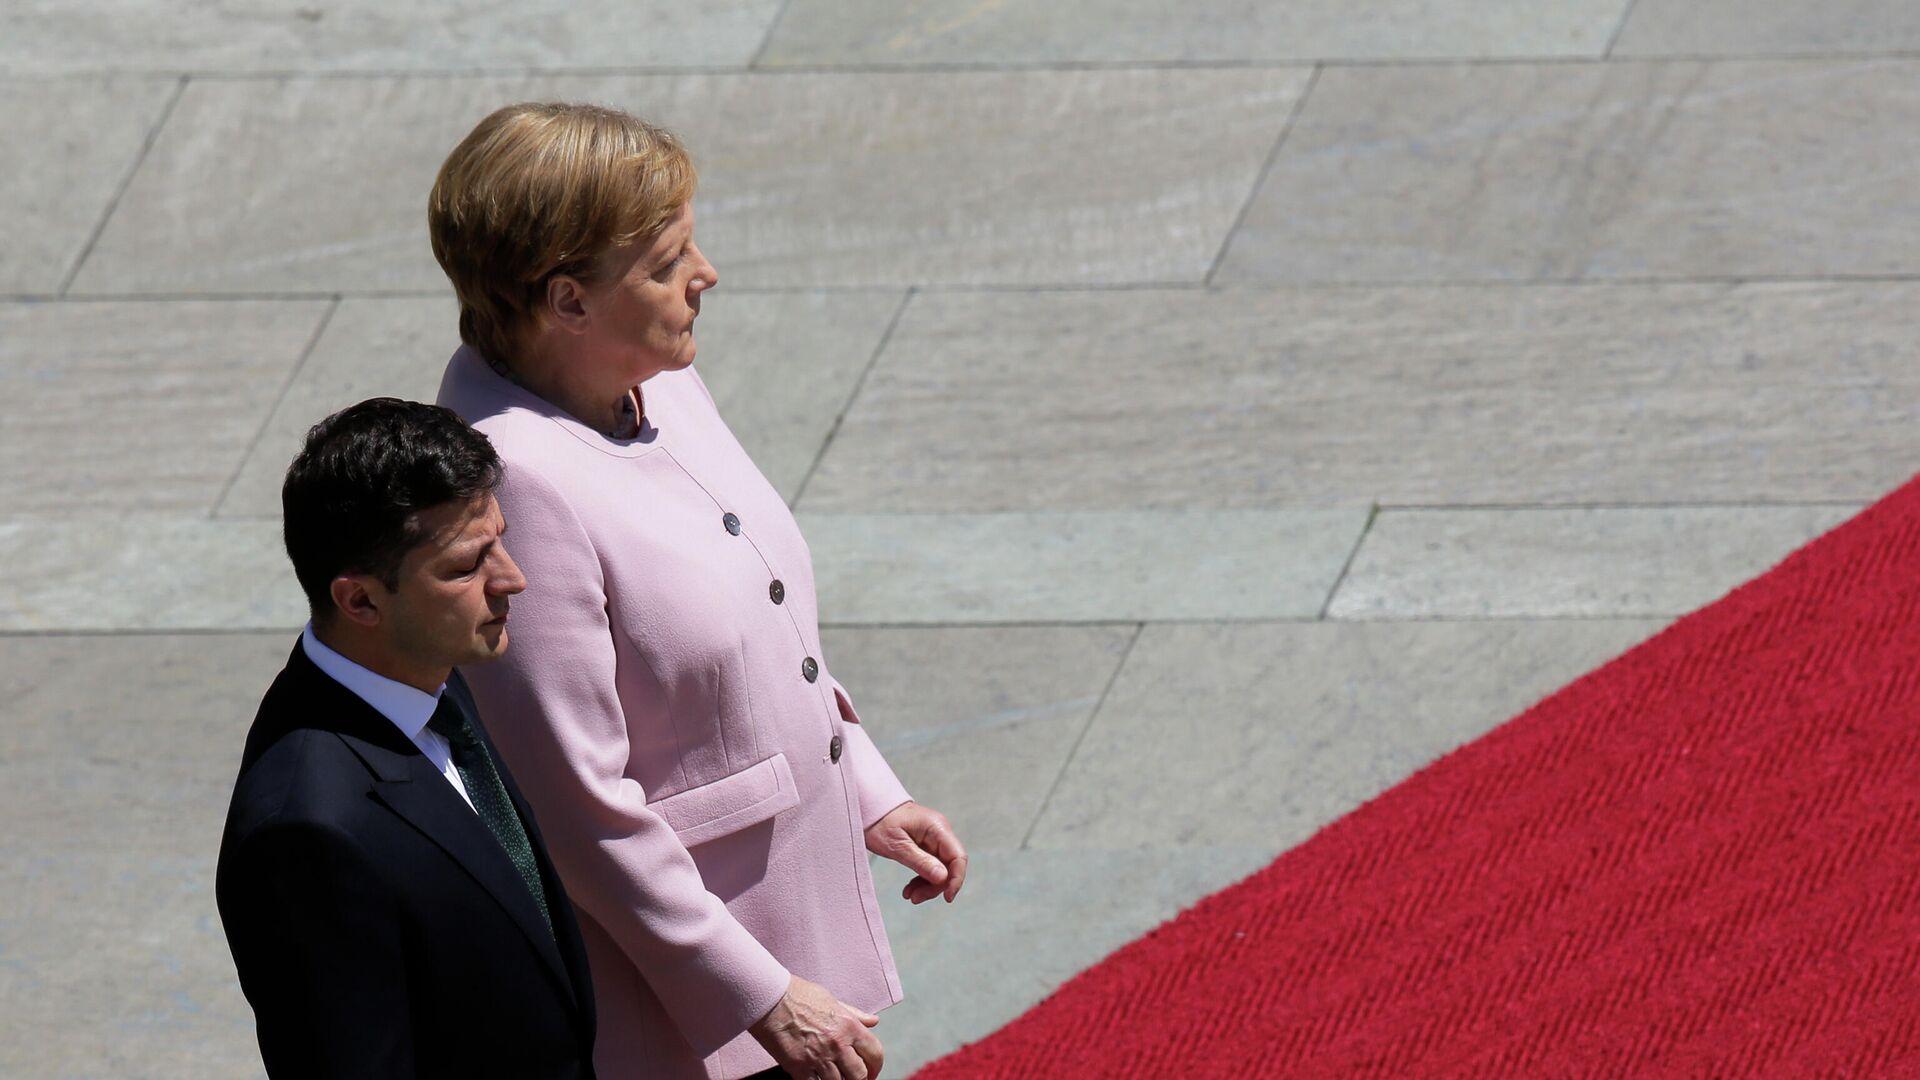 Встреча Владимира Зеленского и Ангелы Меркель в Берлине. 18 июня 2019 - РИА Новости, 1920, 22.06.2021